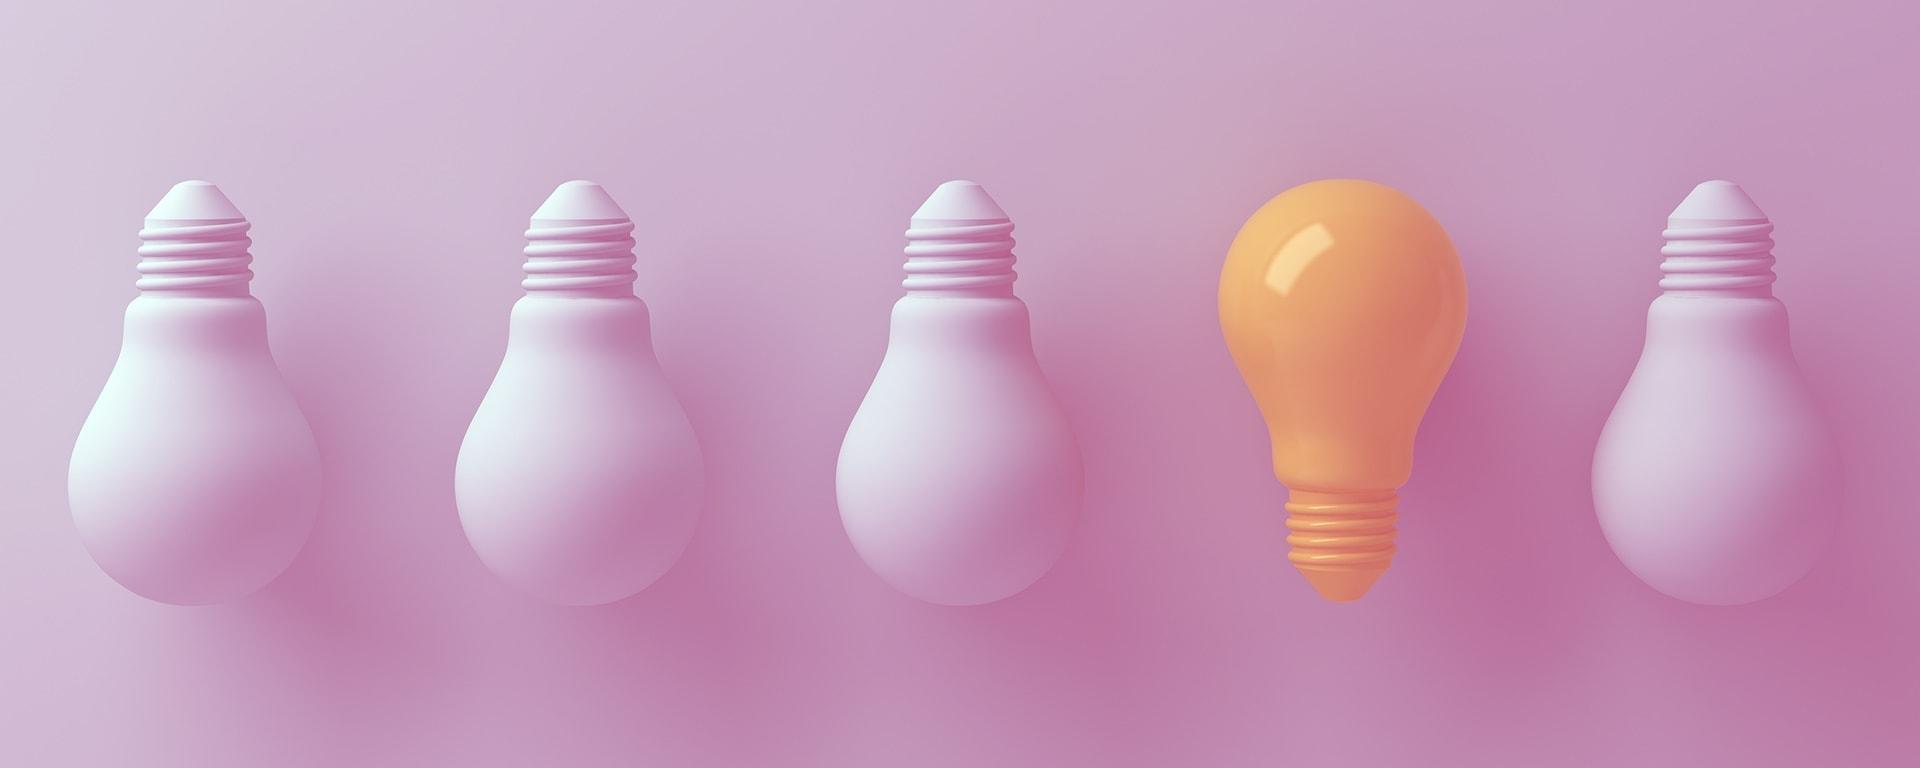 arguments contre une initiative processus -ampoule rose idée